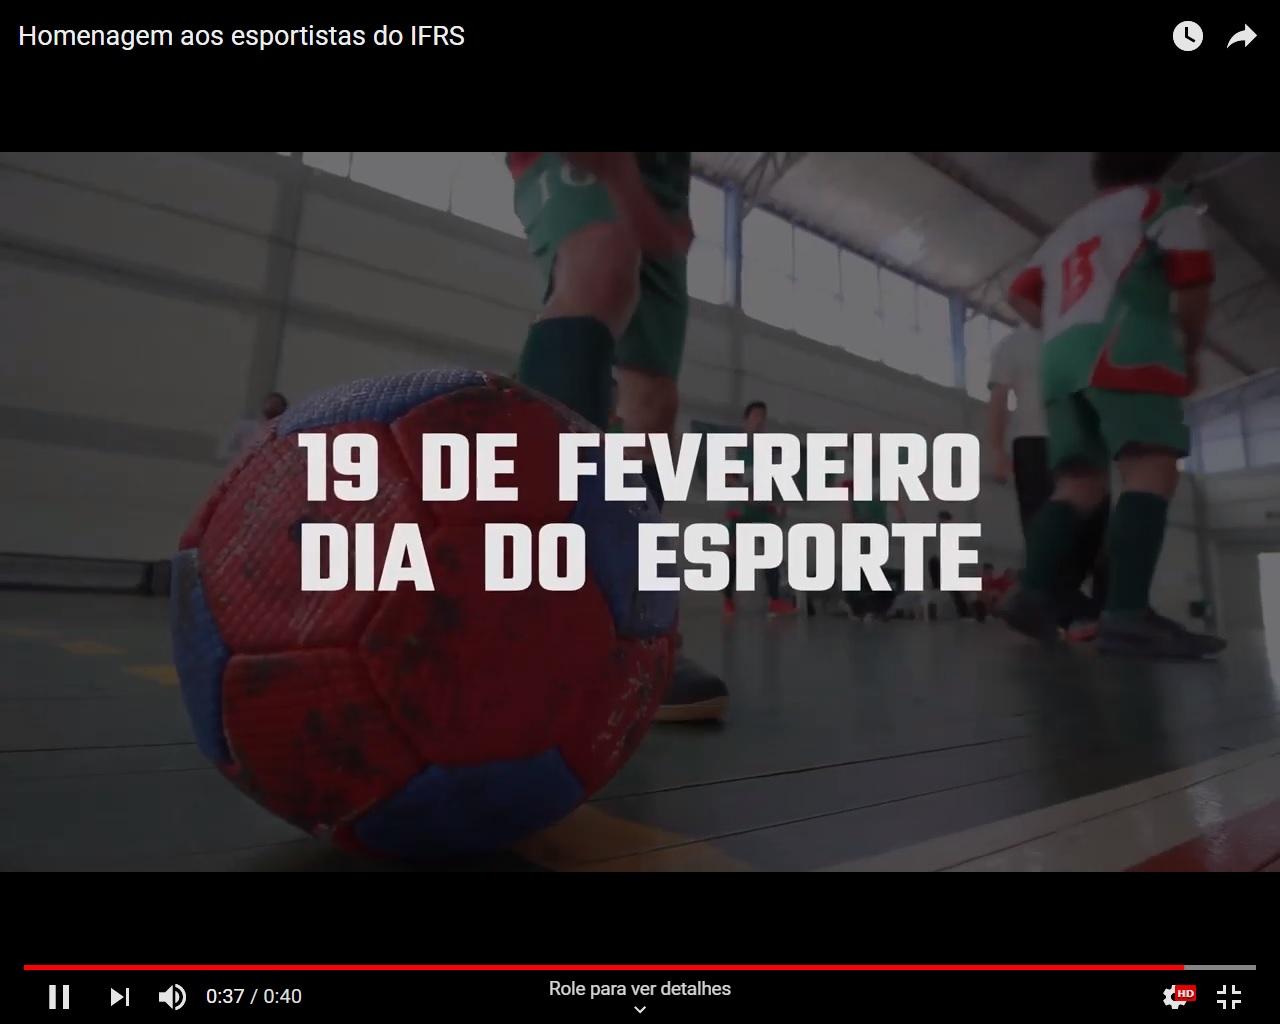 Uma das imagens que aparece no vídeo: bola no chão da quadra e atletas ao fundo, com a inscrição textual: 19 de fevereiro - Dia do Esporte